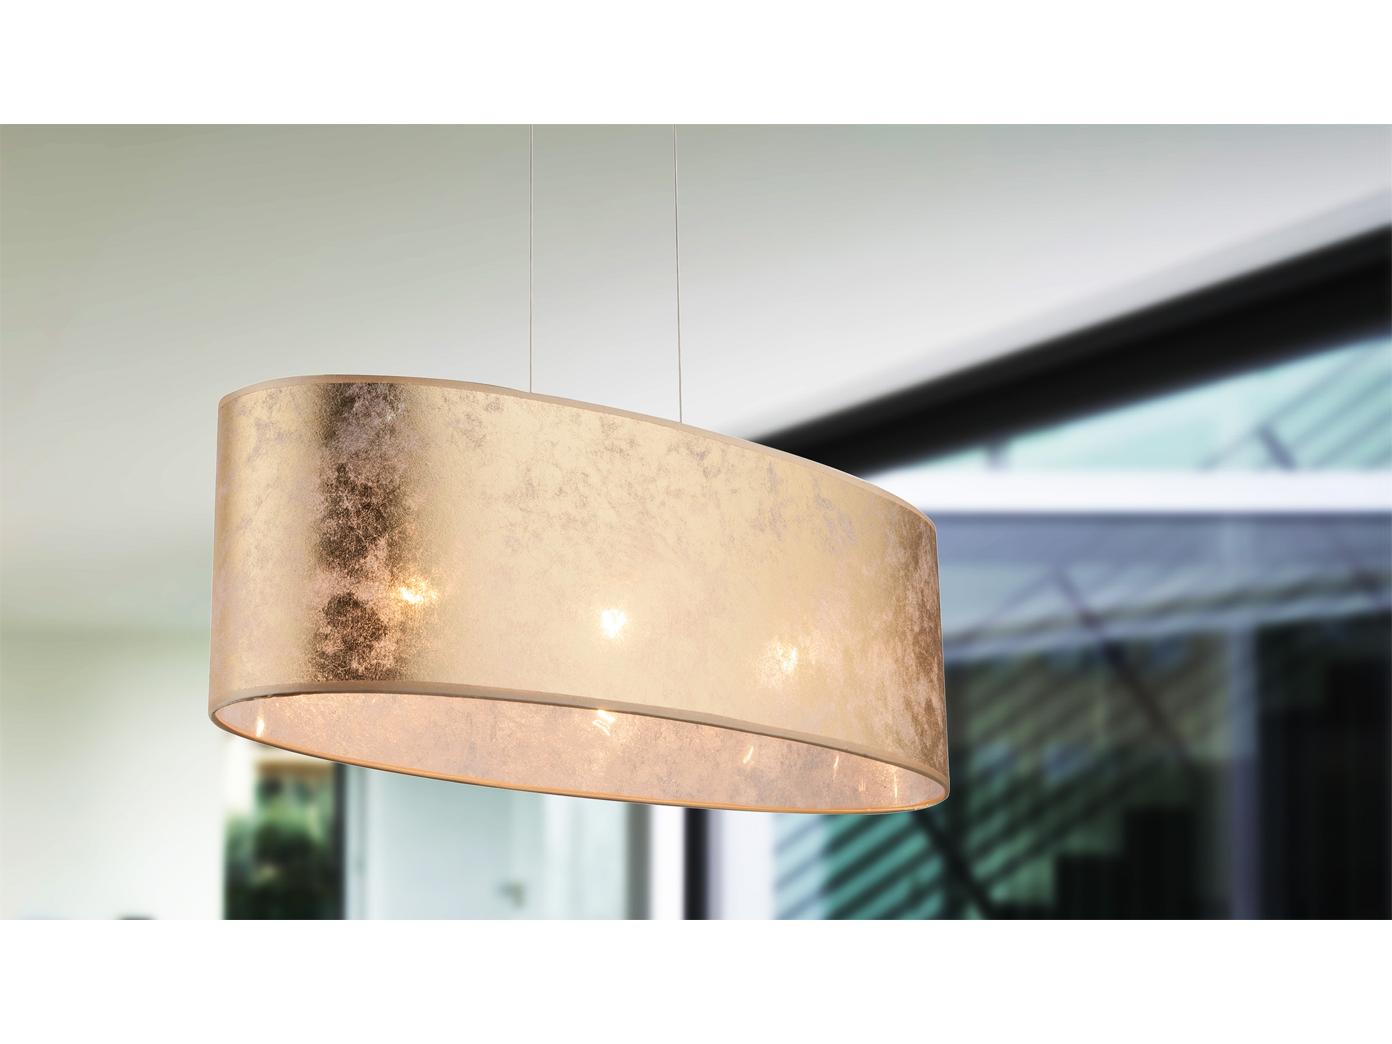 Globo Hängelampe Amy Schirm Textil Gold 65x25cm Pendelleuchte Lampe Esstisch